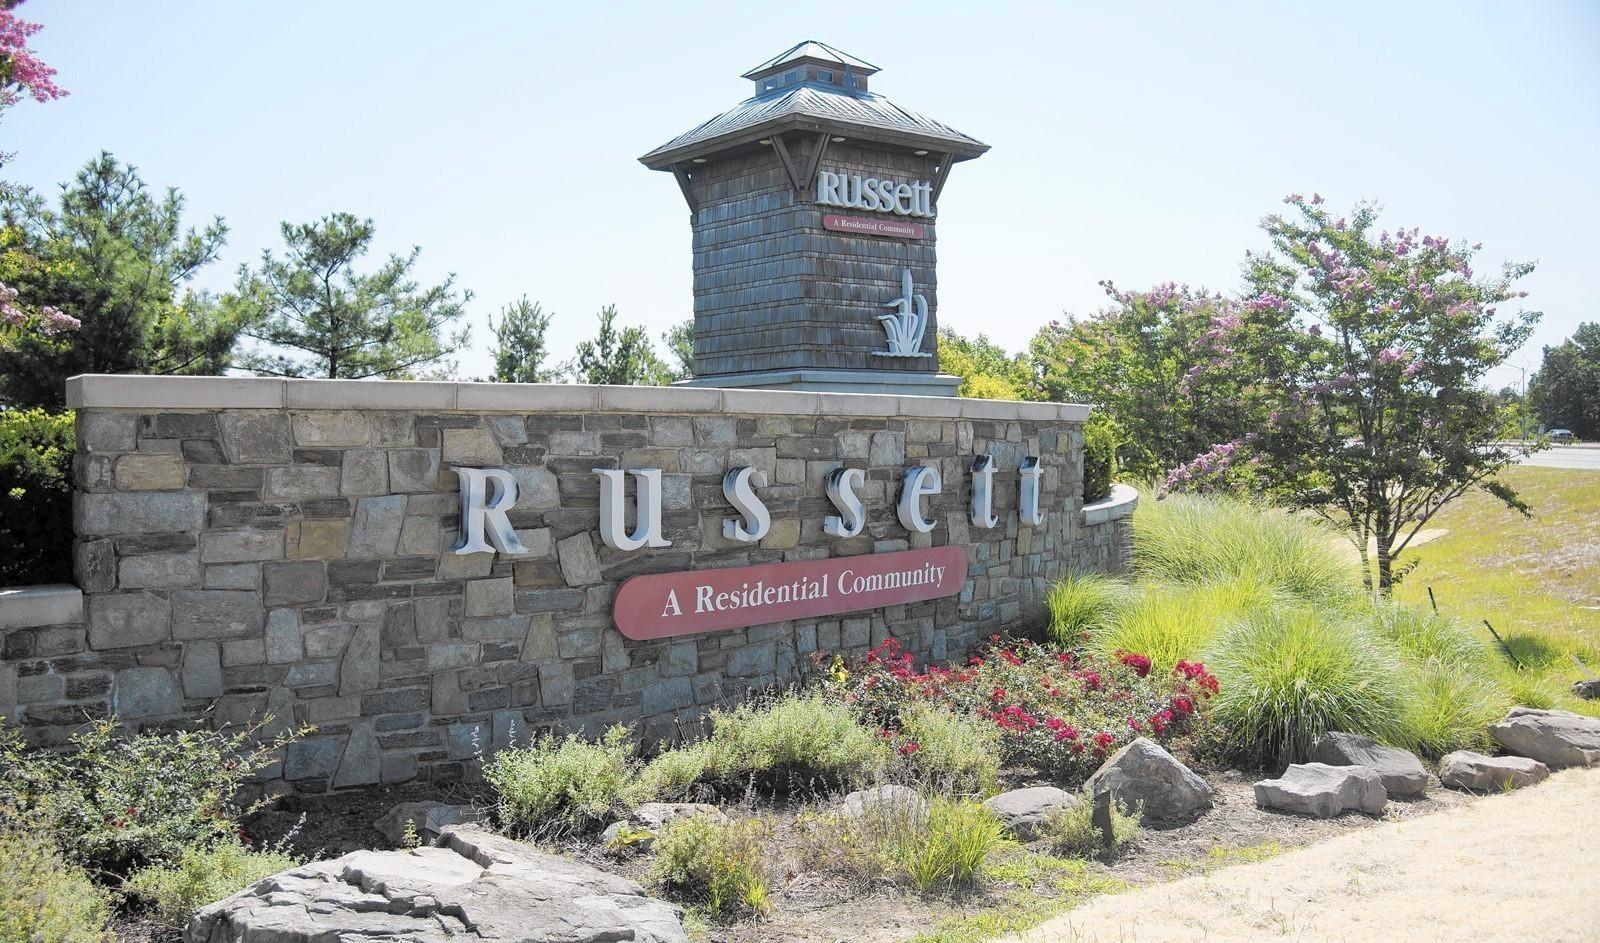 Russett Community Laurel MD